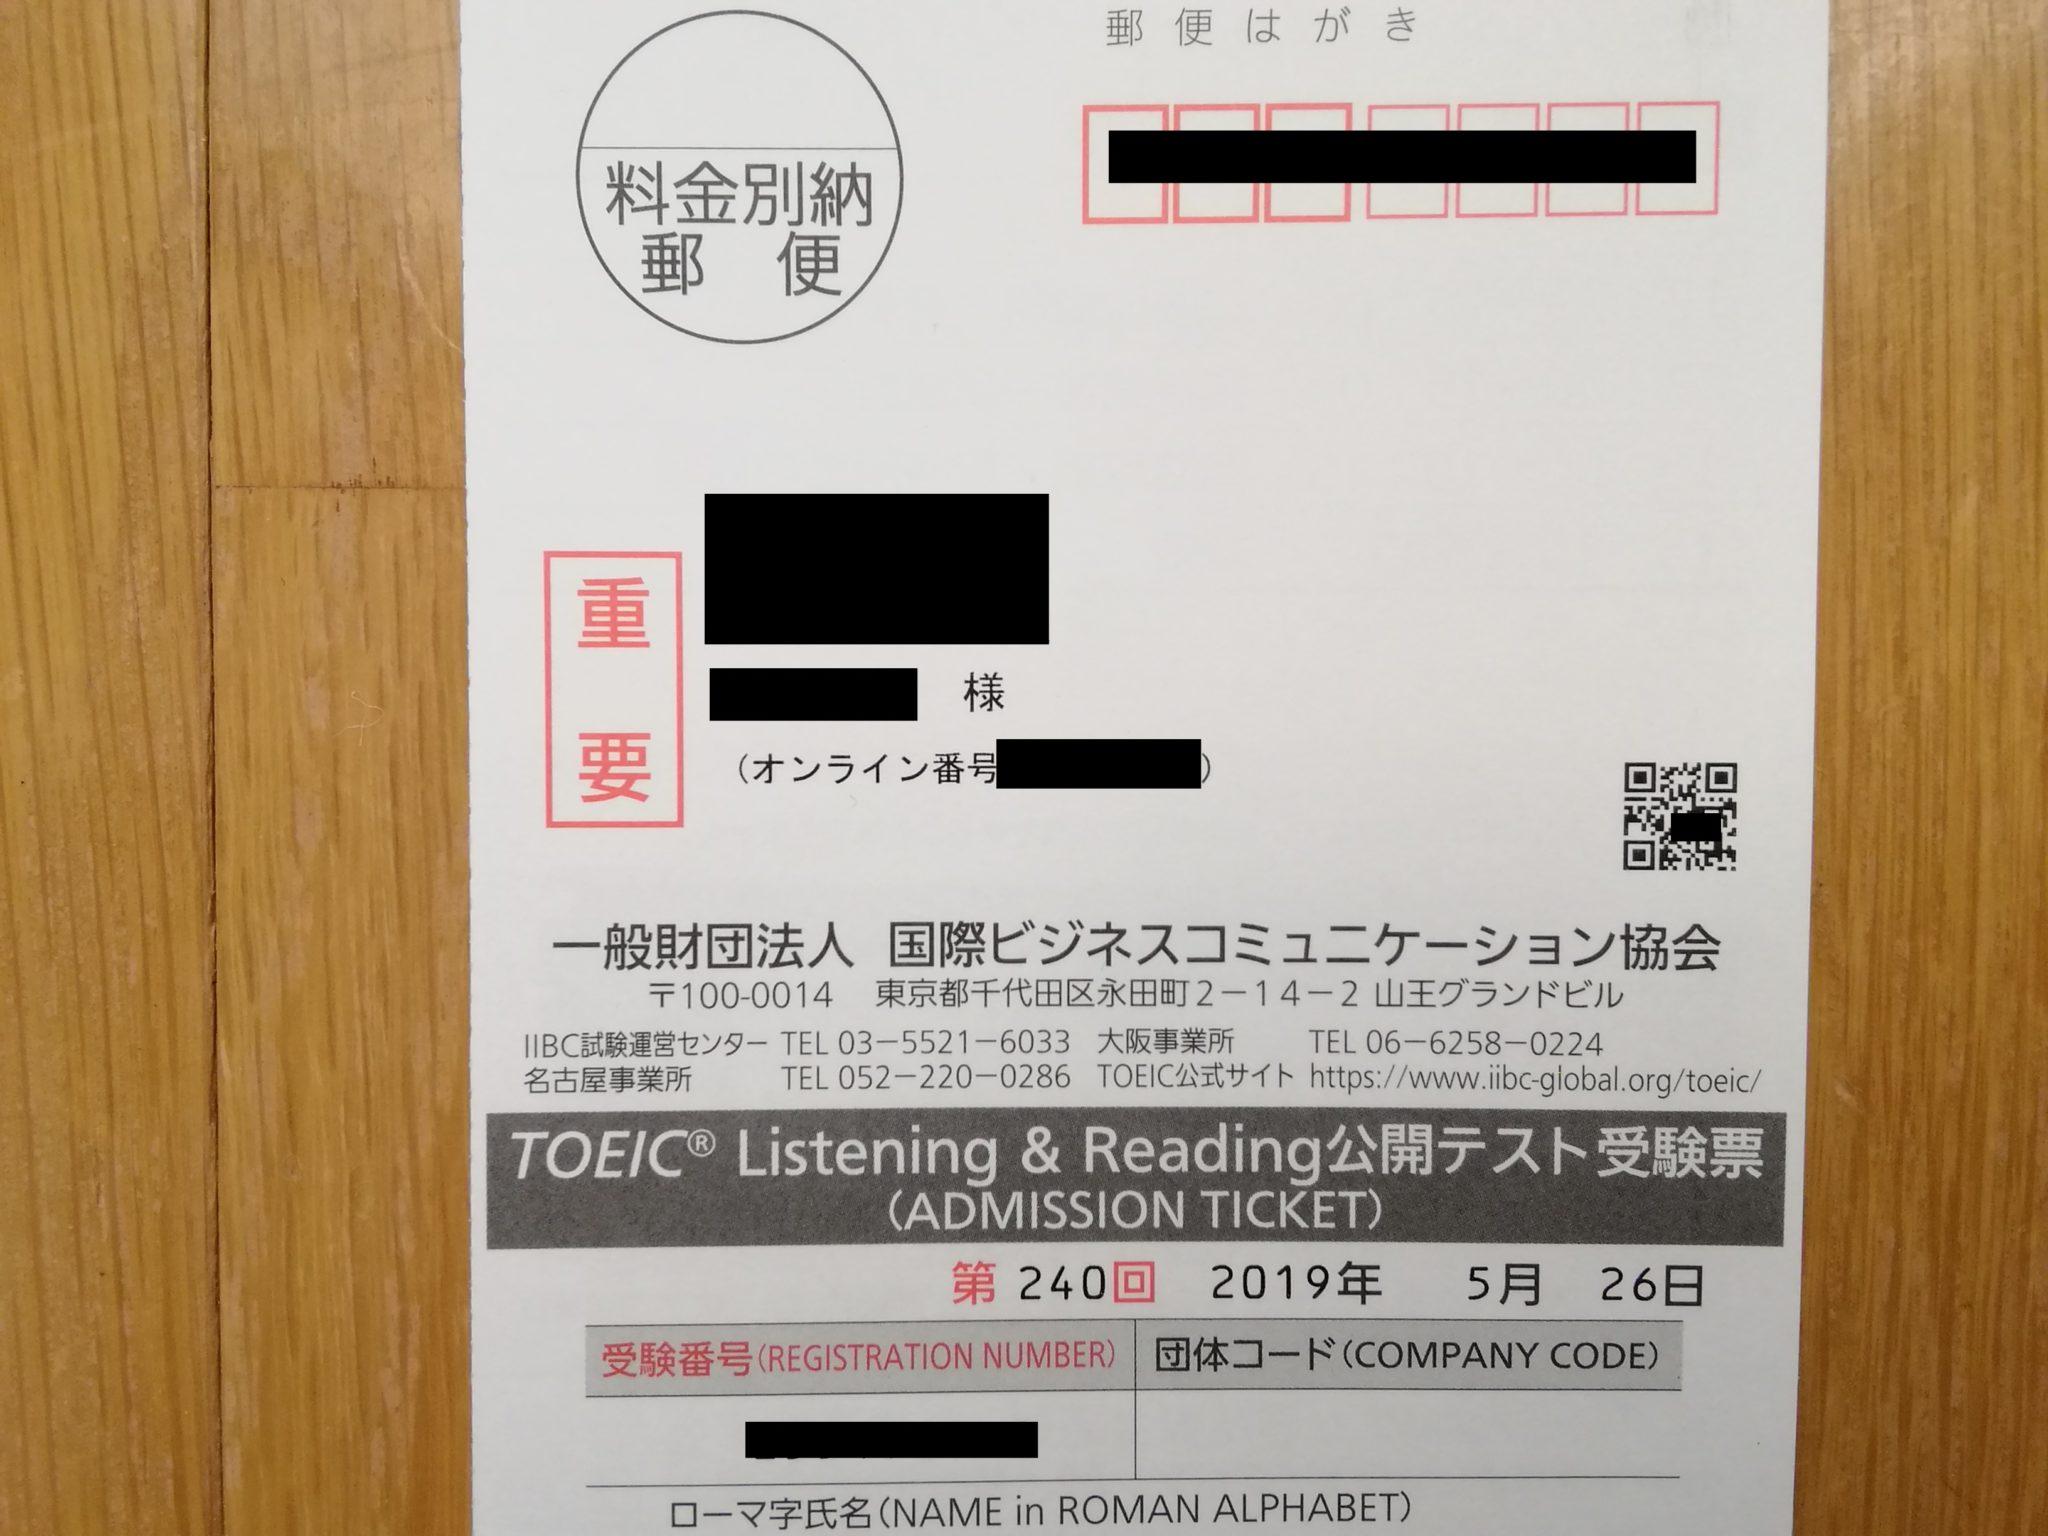 2019年5月26日TOEIC受験票 (1)